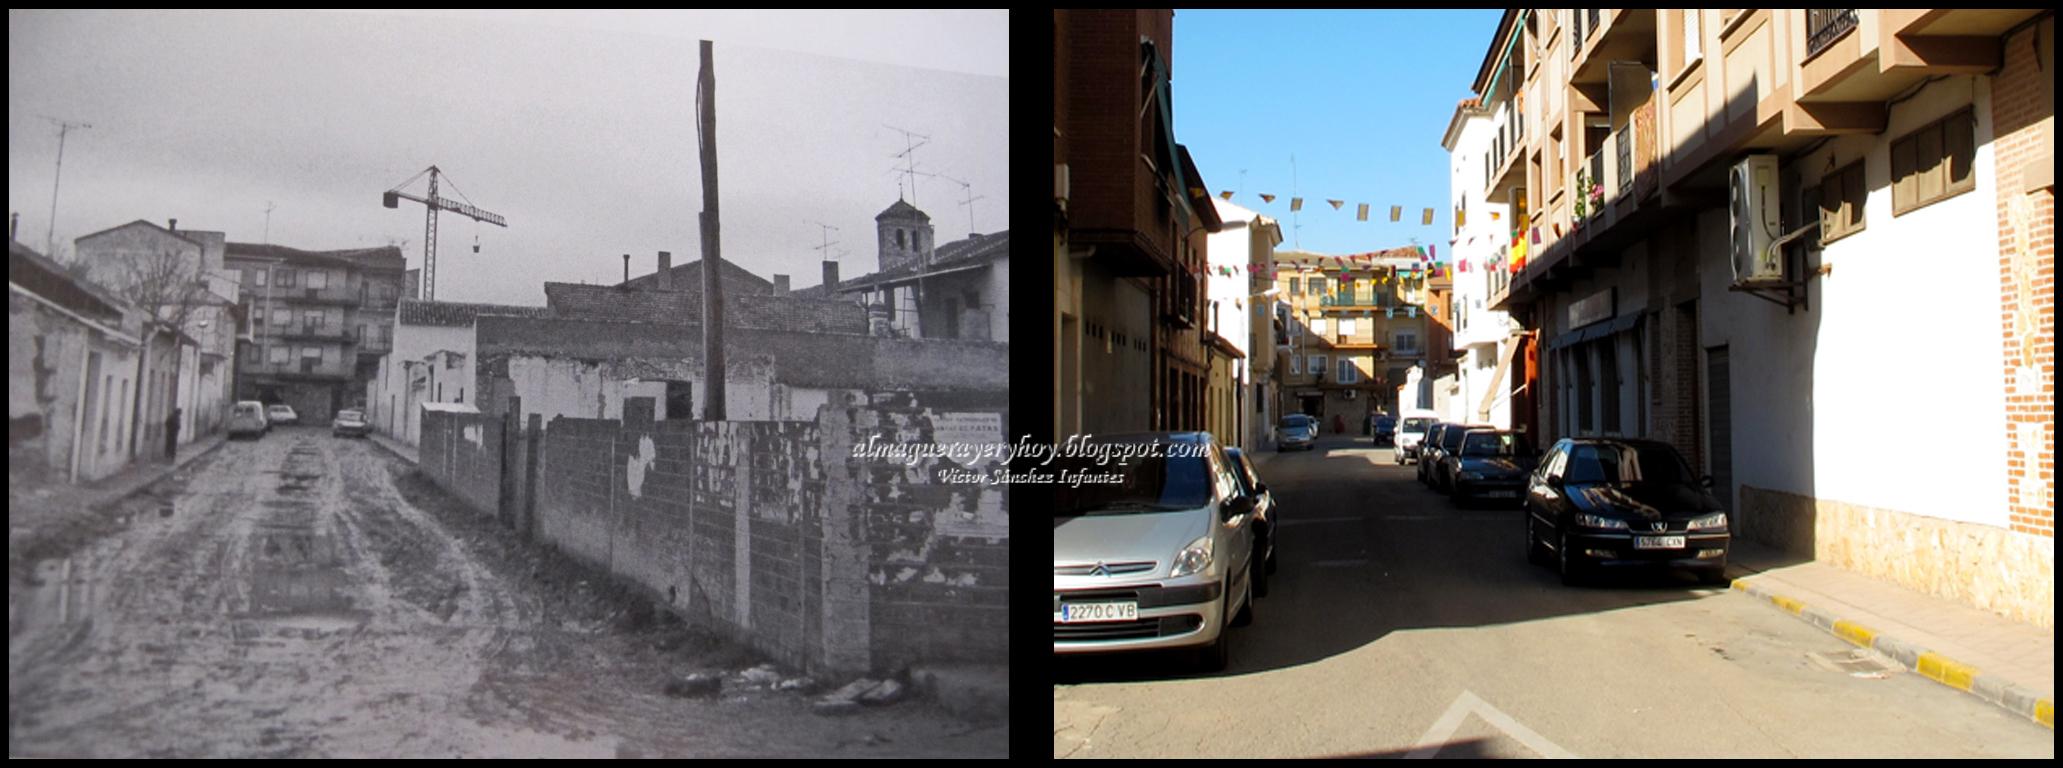 Calle Desengaño